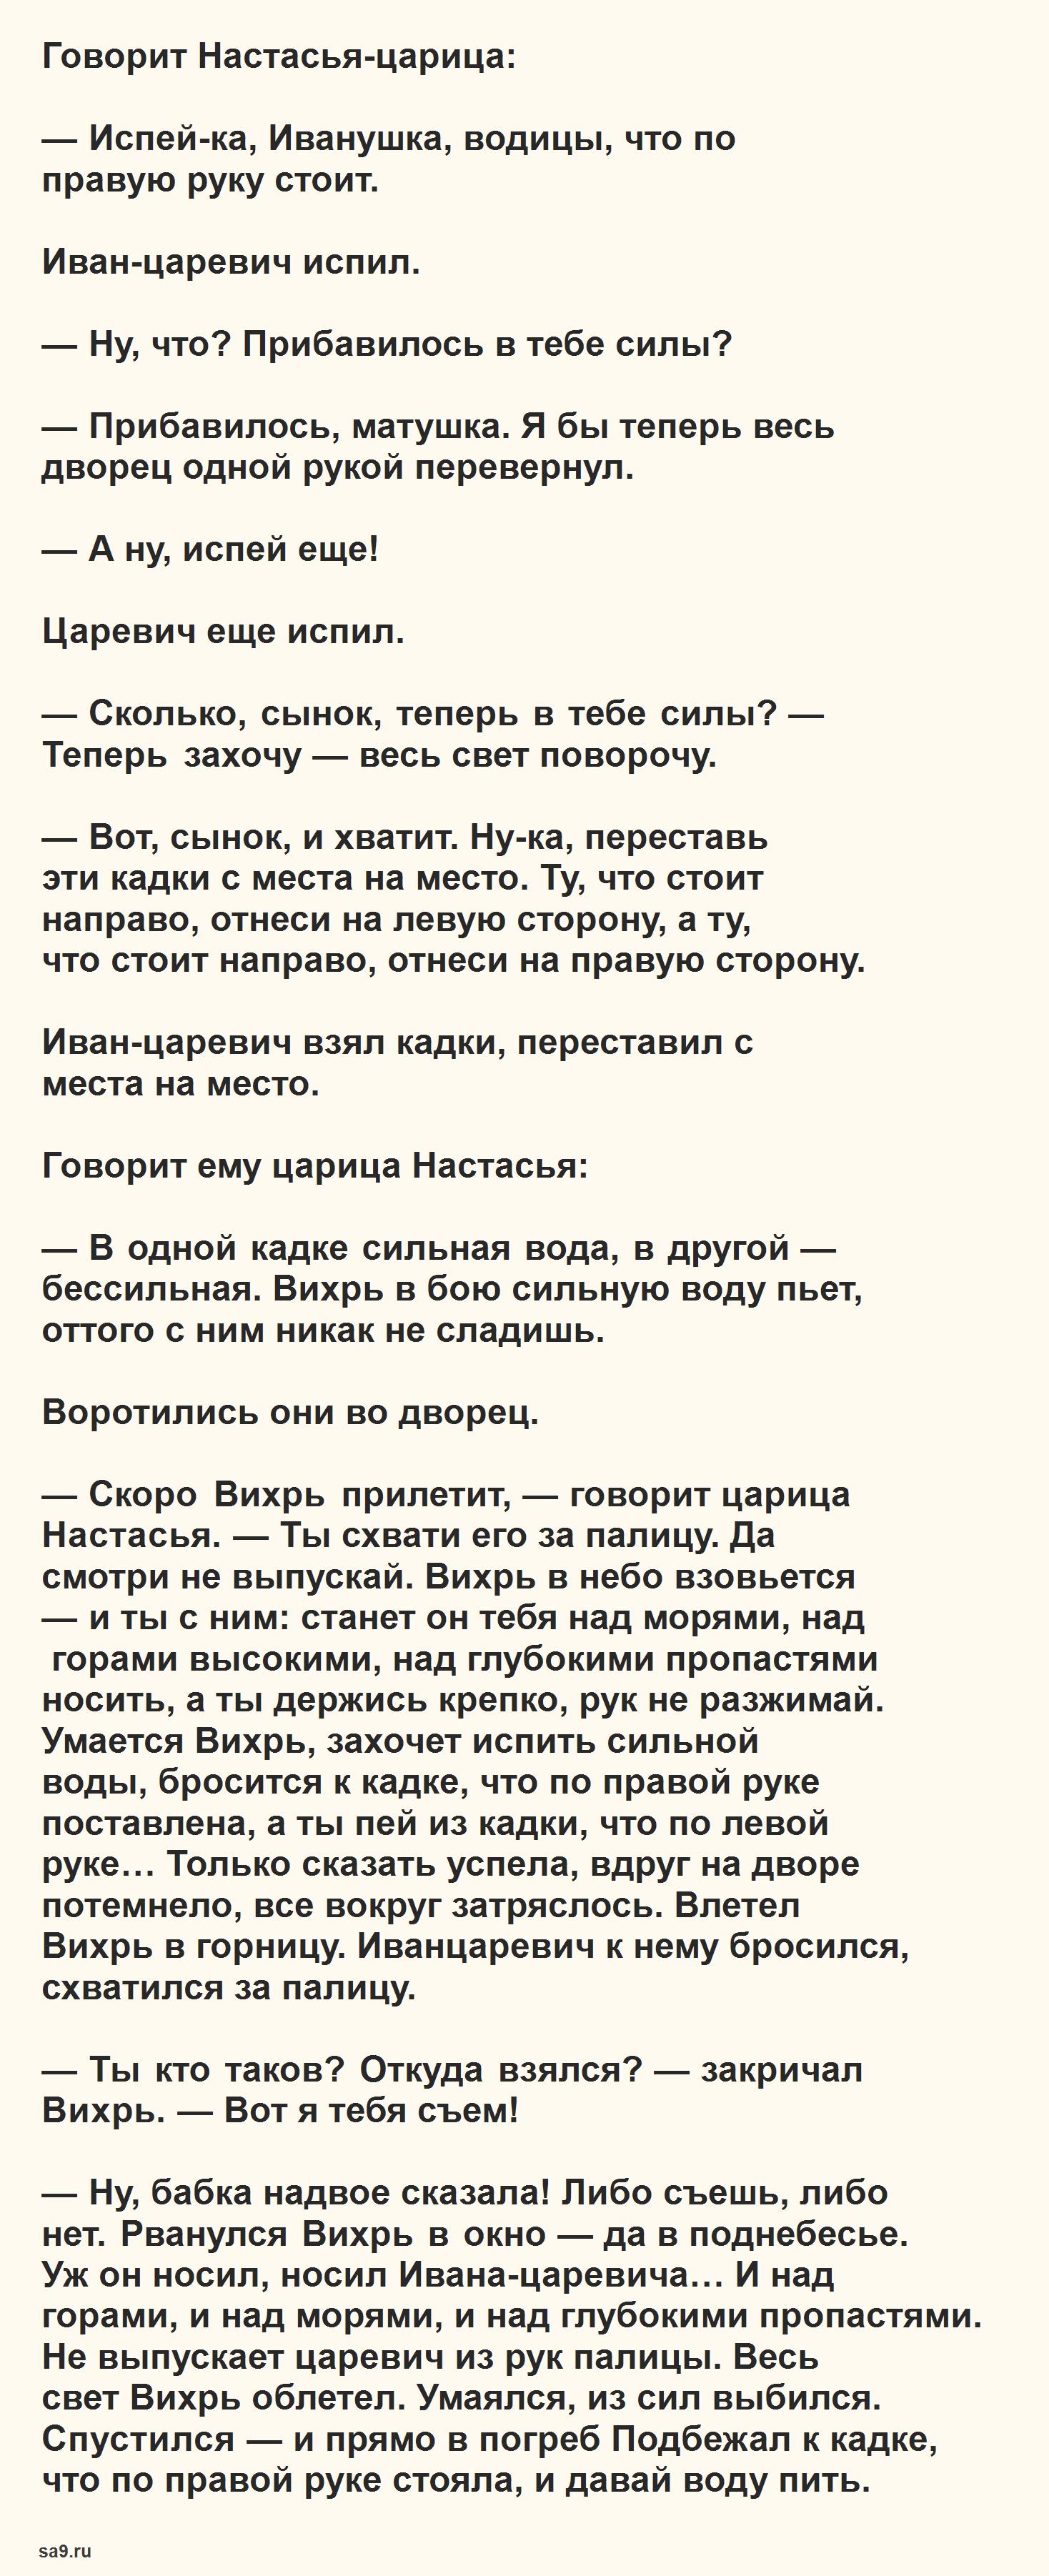 Медное, серебряное, золотое царство - русская народная сказка